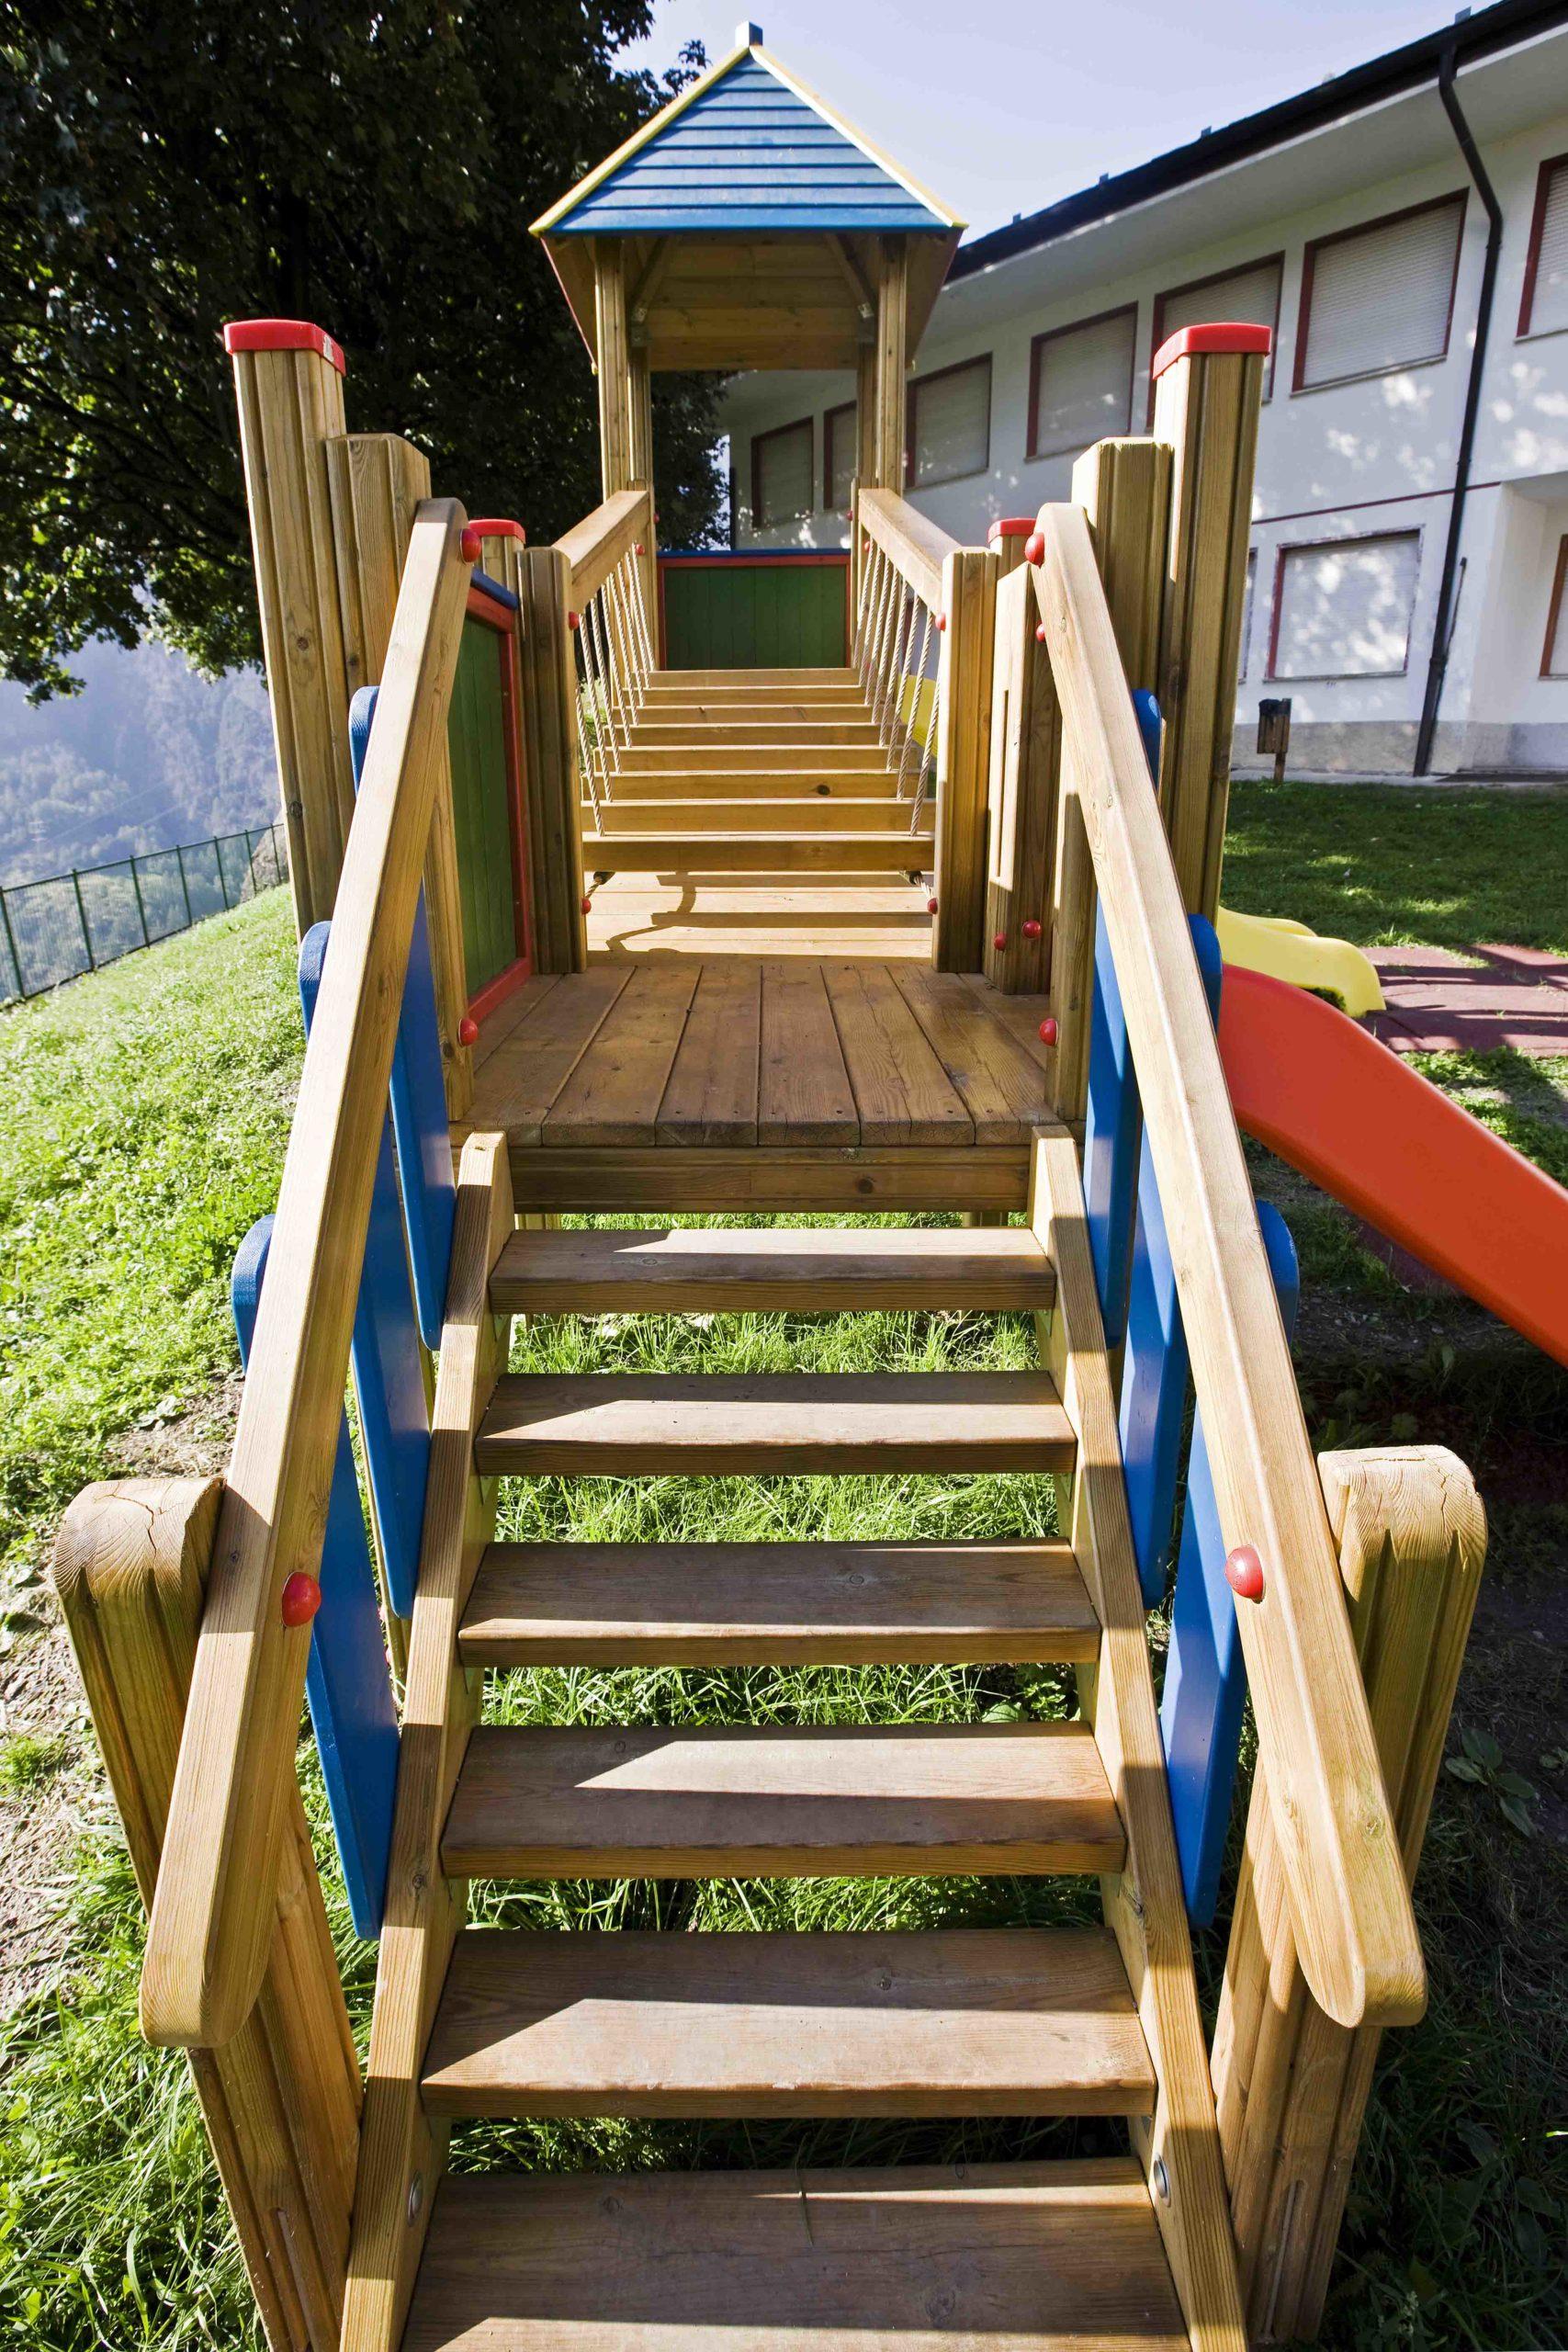 Doppia torre gioco con ponte mobile inclinato in legno di pino impregnato in autoclave realizzata da Linea Montanalegno - ILT